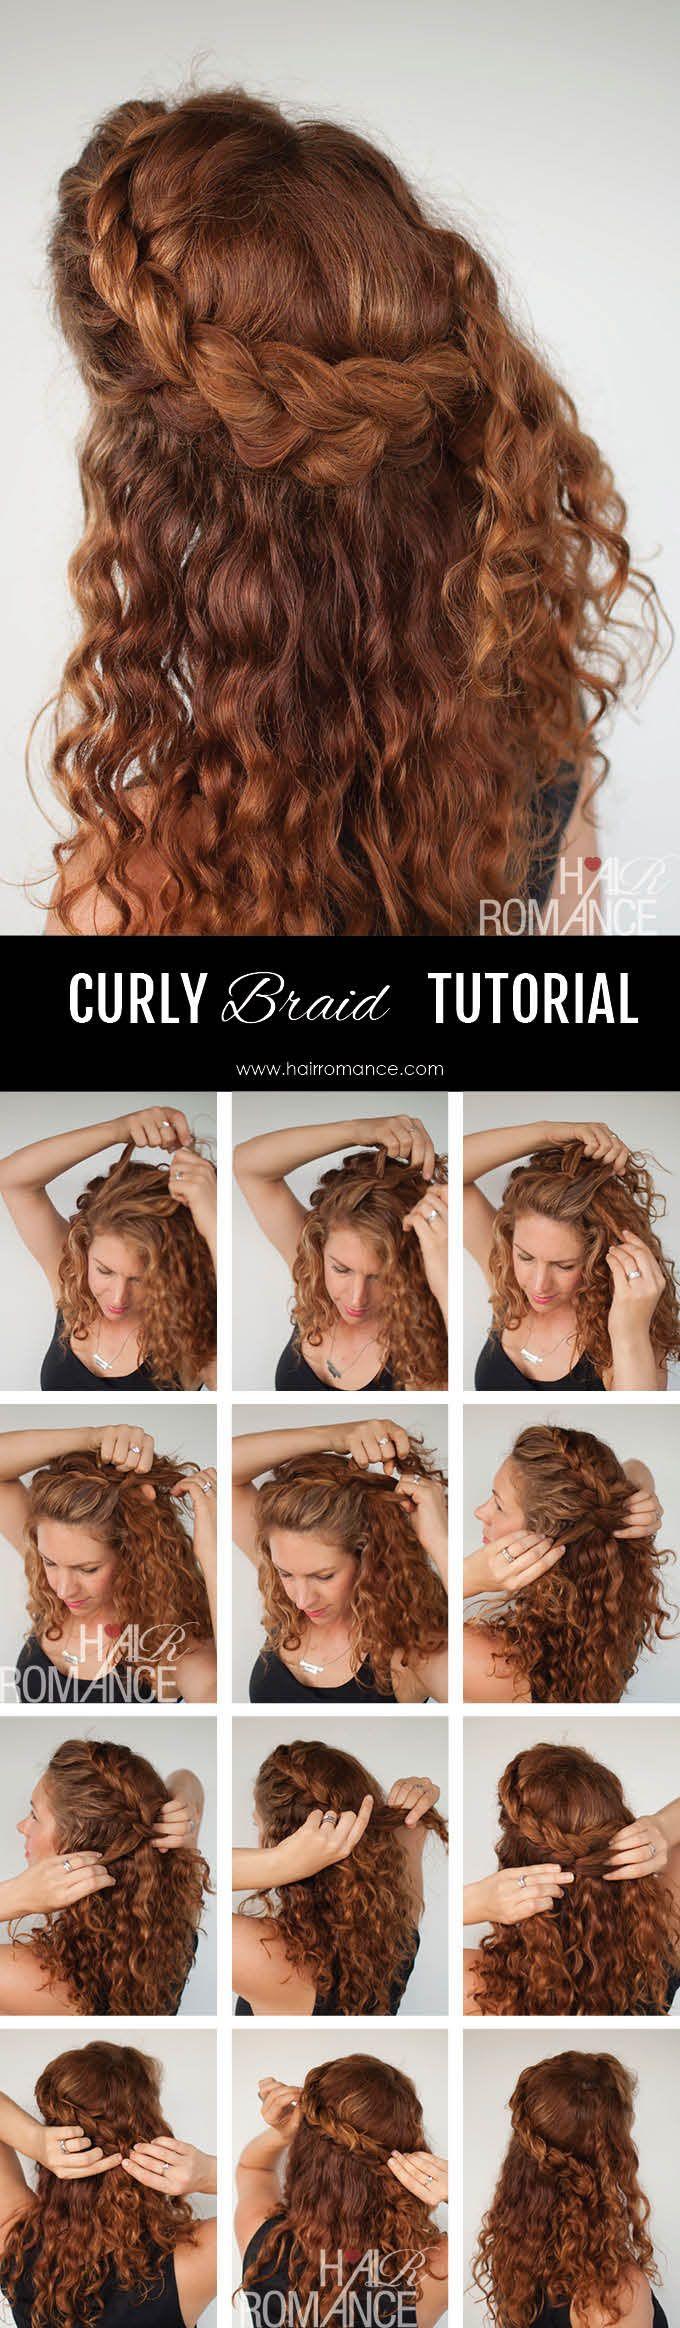 Hair Tutorials Curly Hair Tutorial The Half Up Braid Hairstyle Jpg